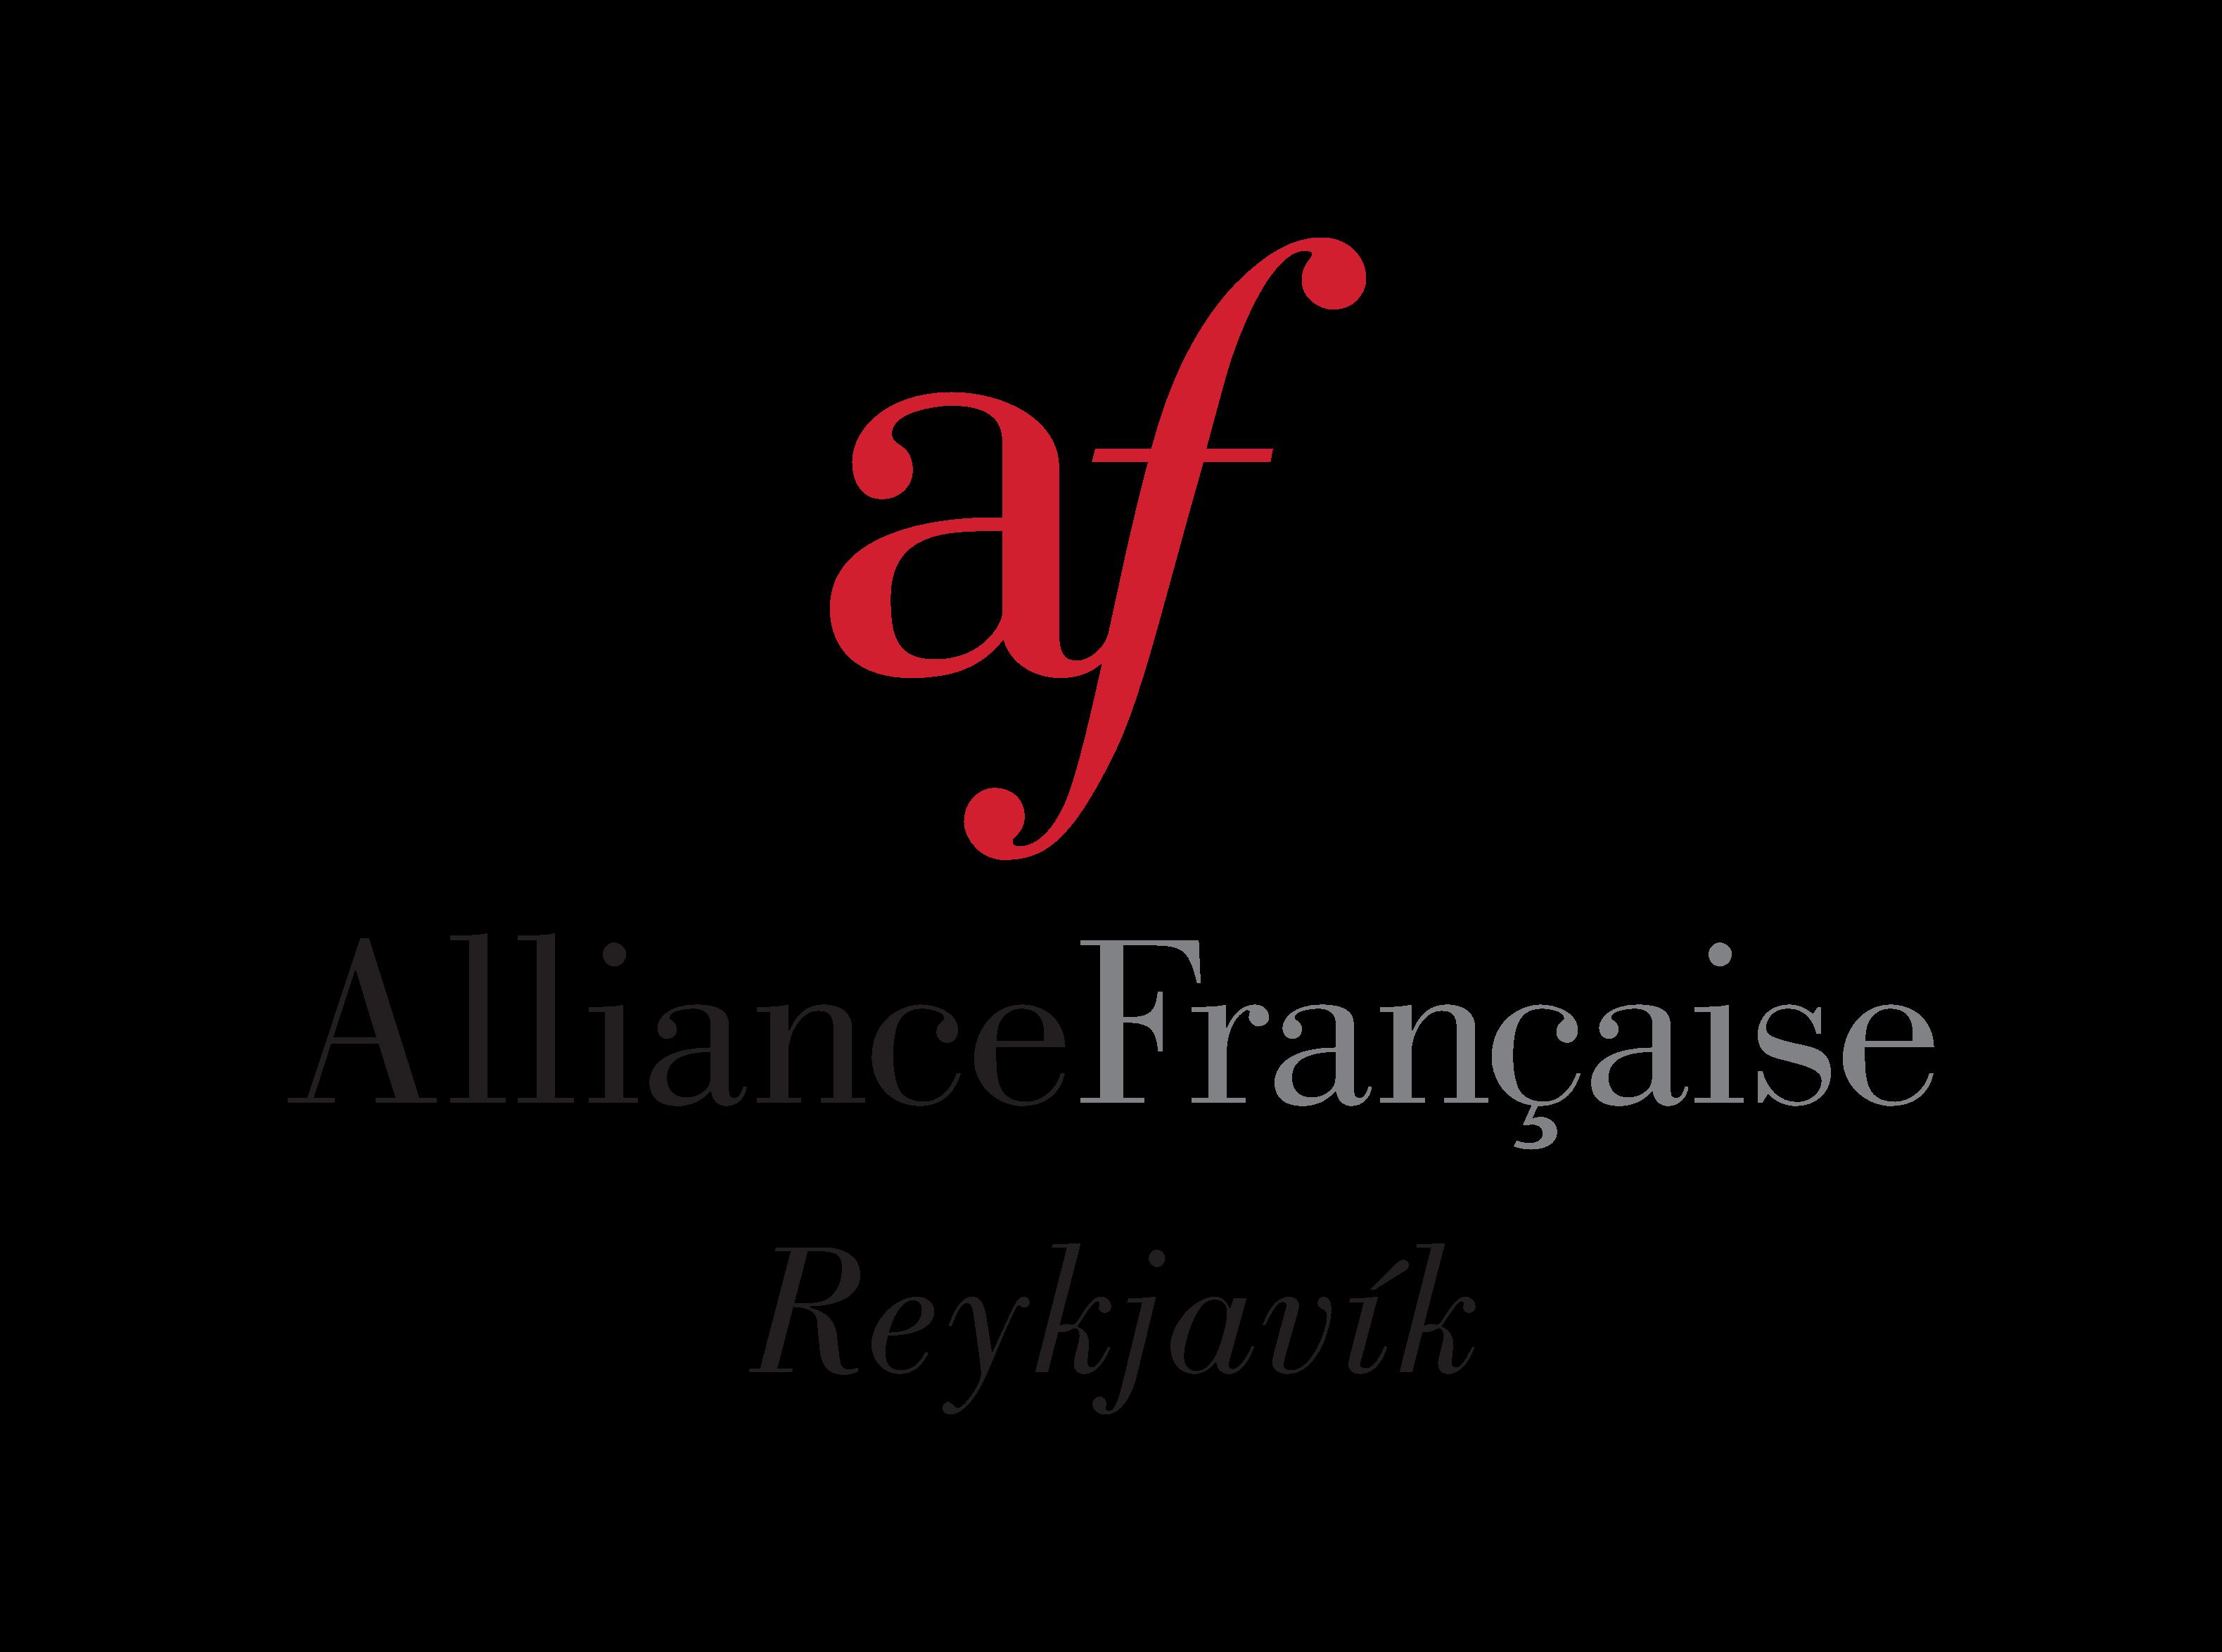 Alliance Française de Reykjavik